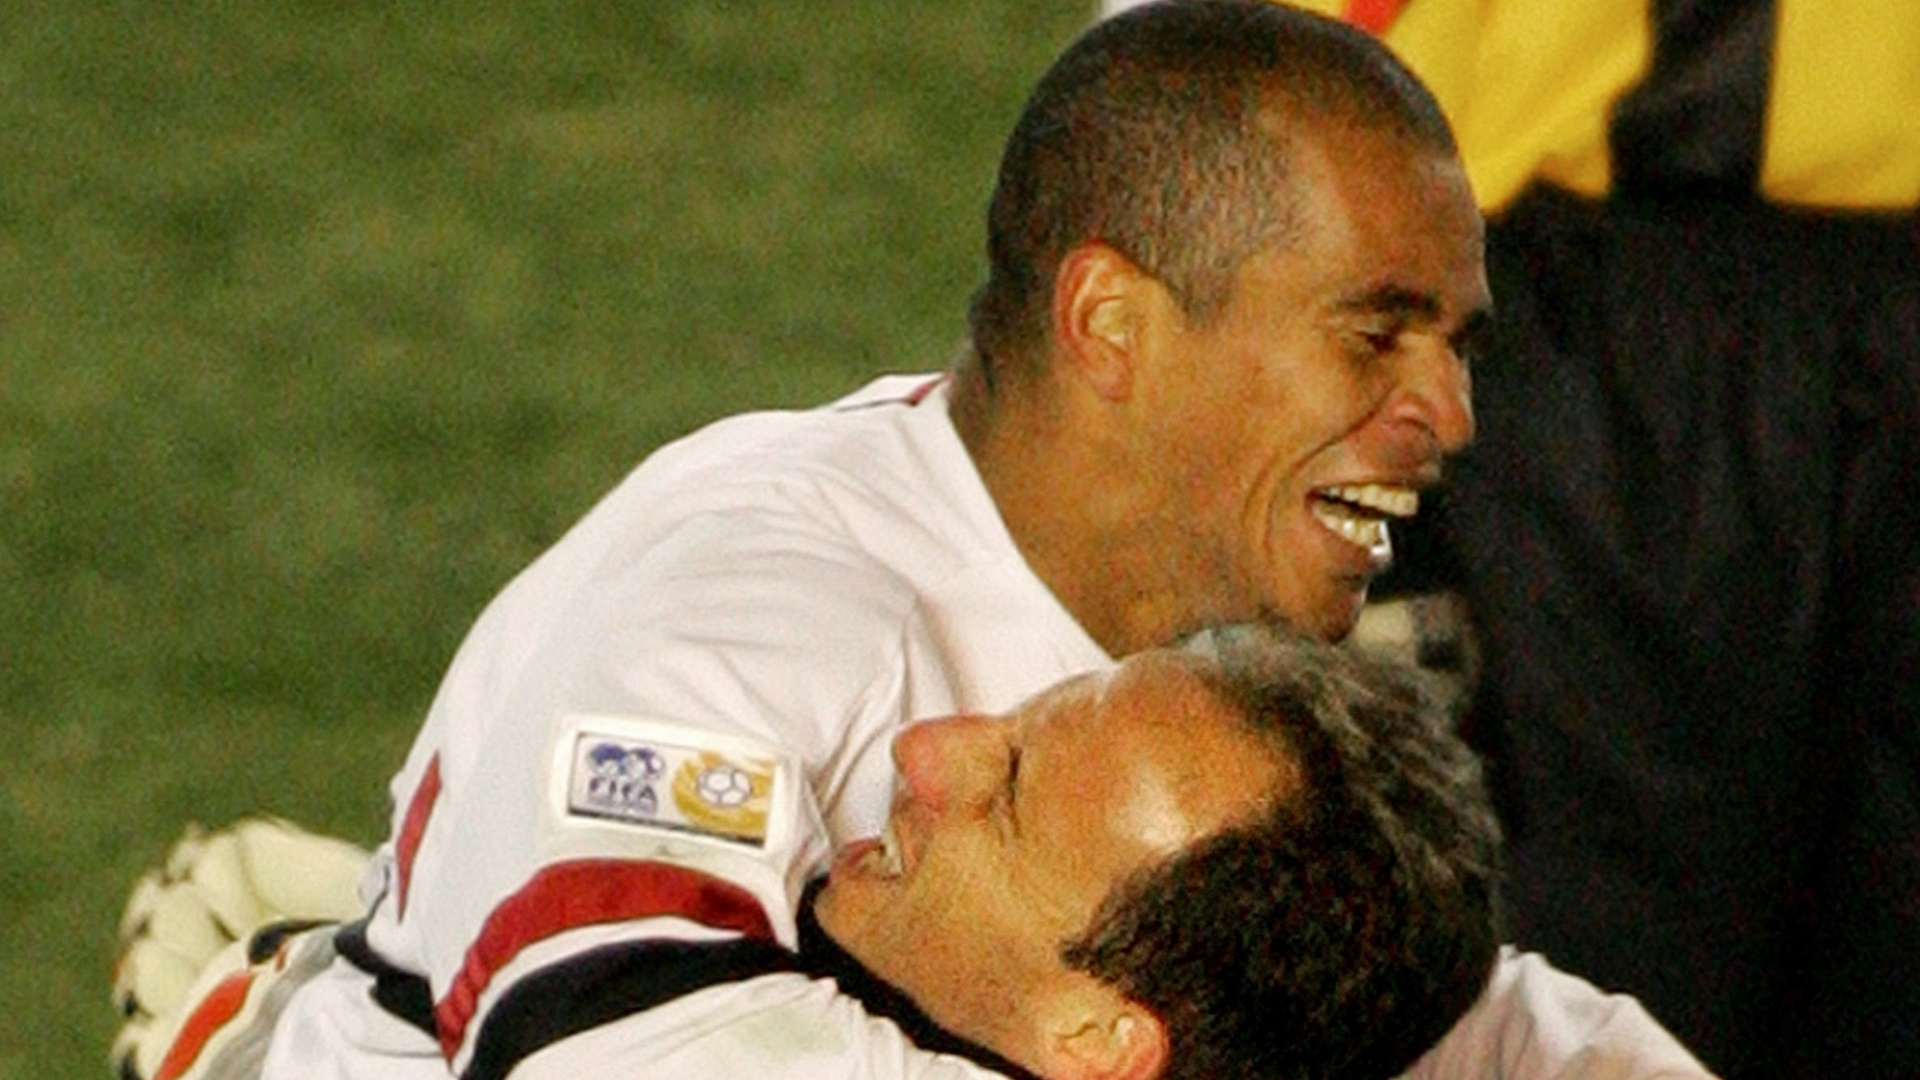 Atacante Aloisio comemora com o goleiro Rogério Ceni durante a partiad contra o Al Ittihad, da Arábia Saudita, no Mundial de Clubes de 2005